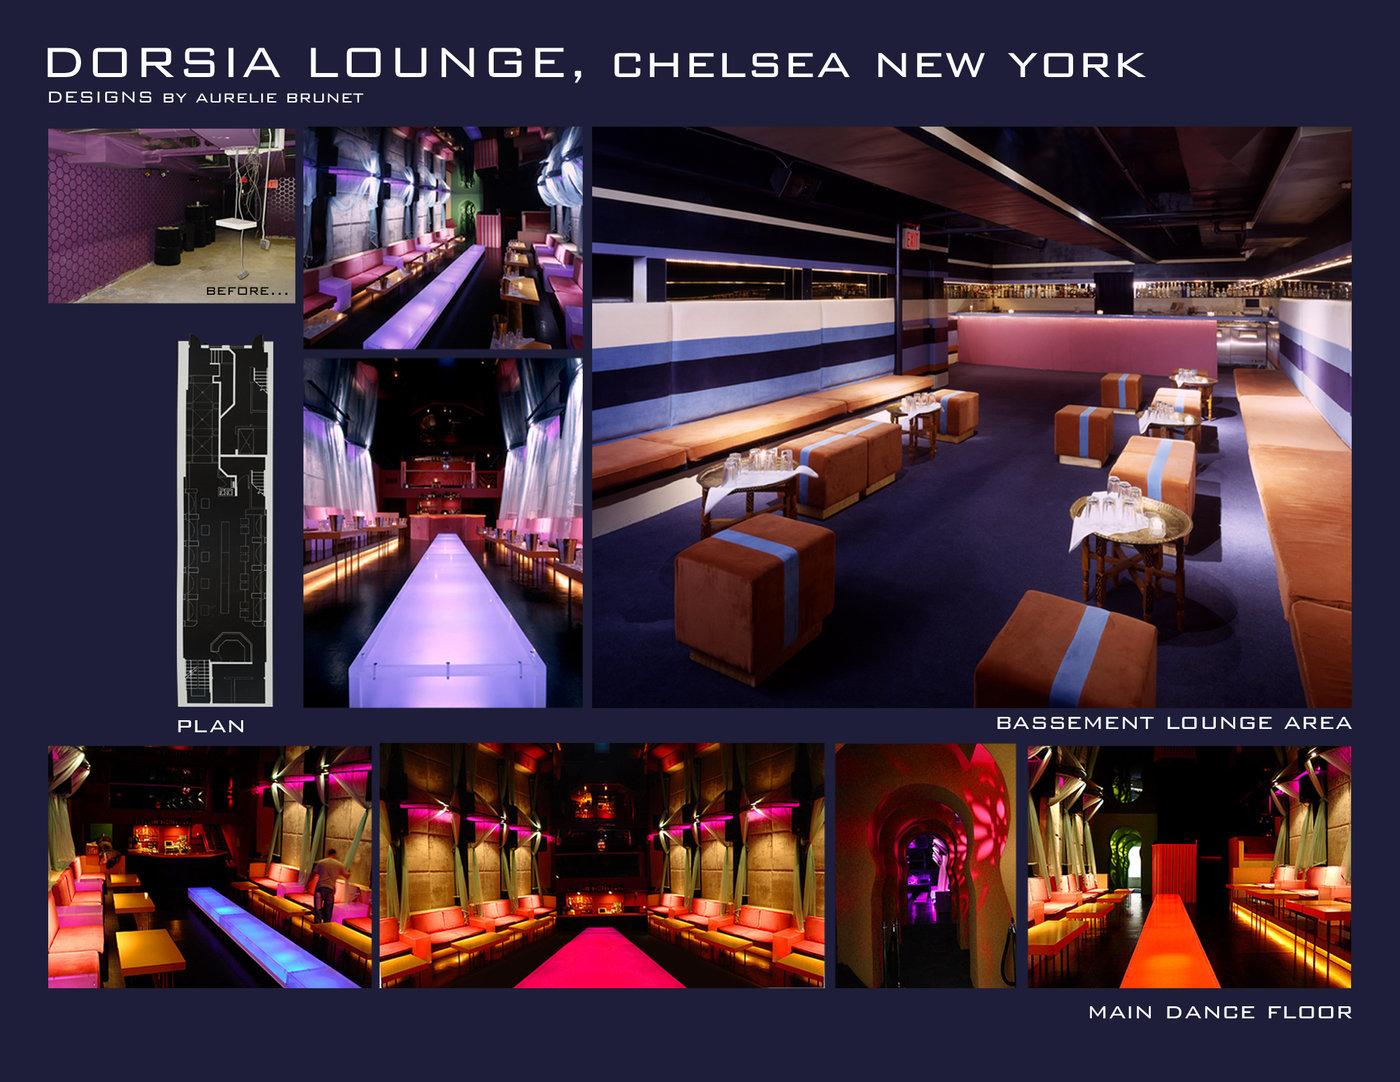 dorsia lounge nyc icrave design by aurélie brunet at coroflot com